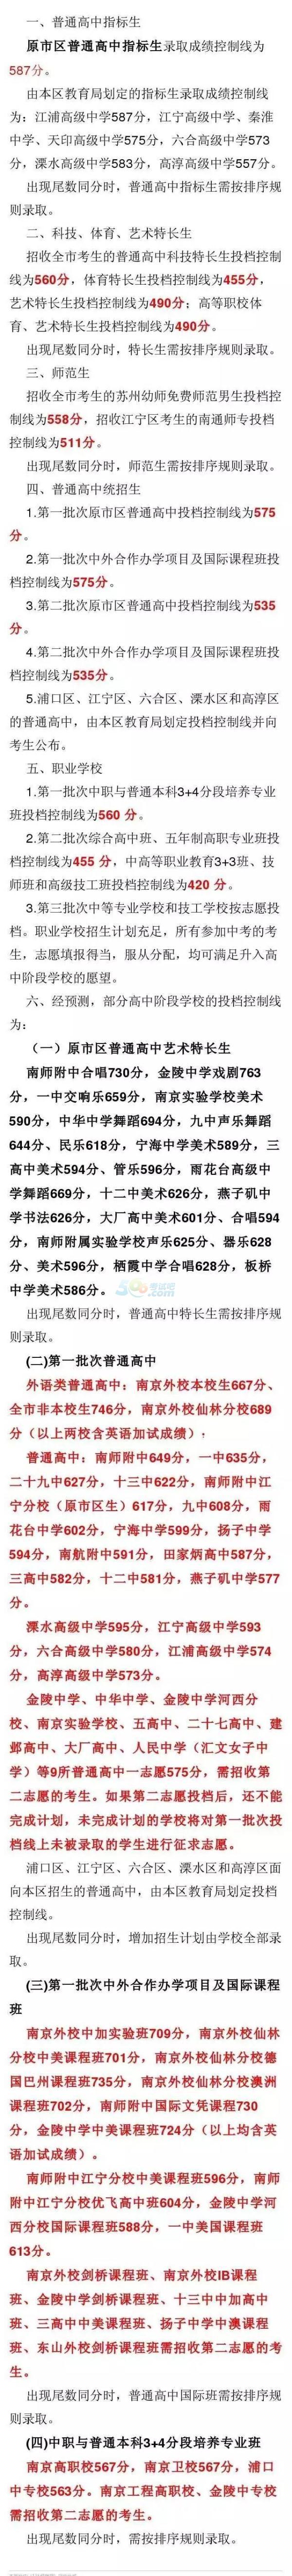 2016年南京中考录取分数线出炉